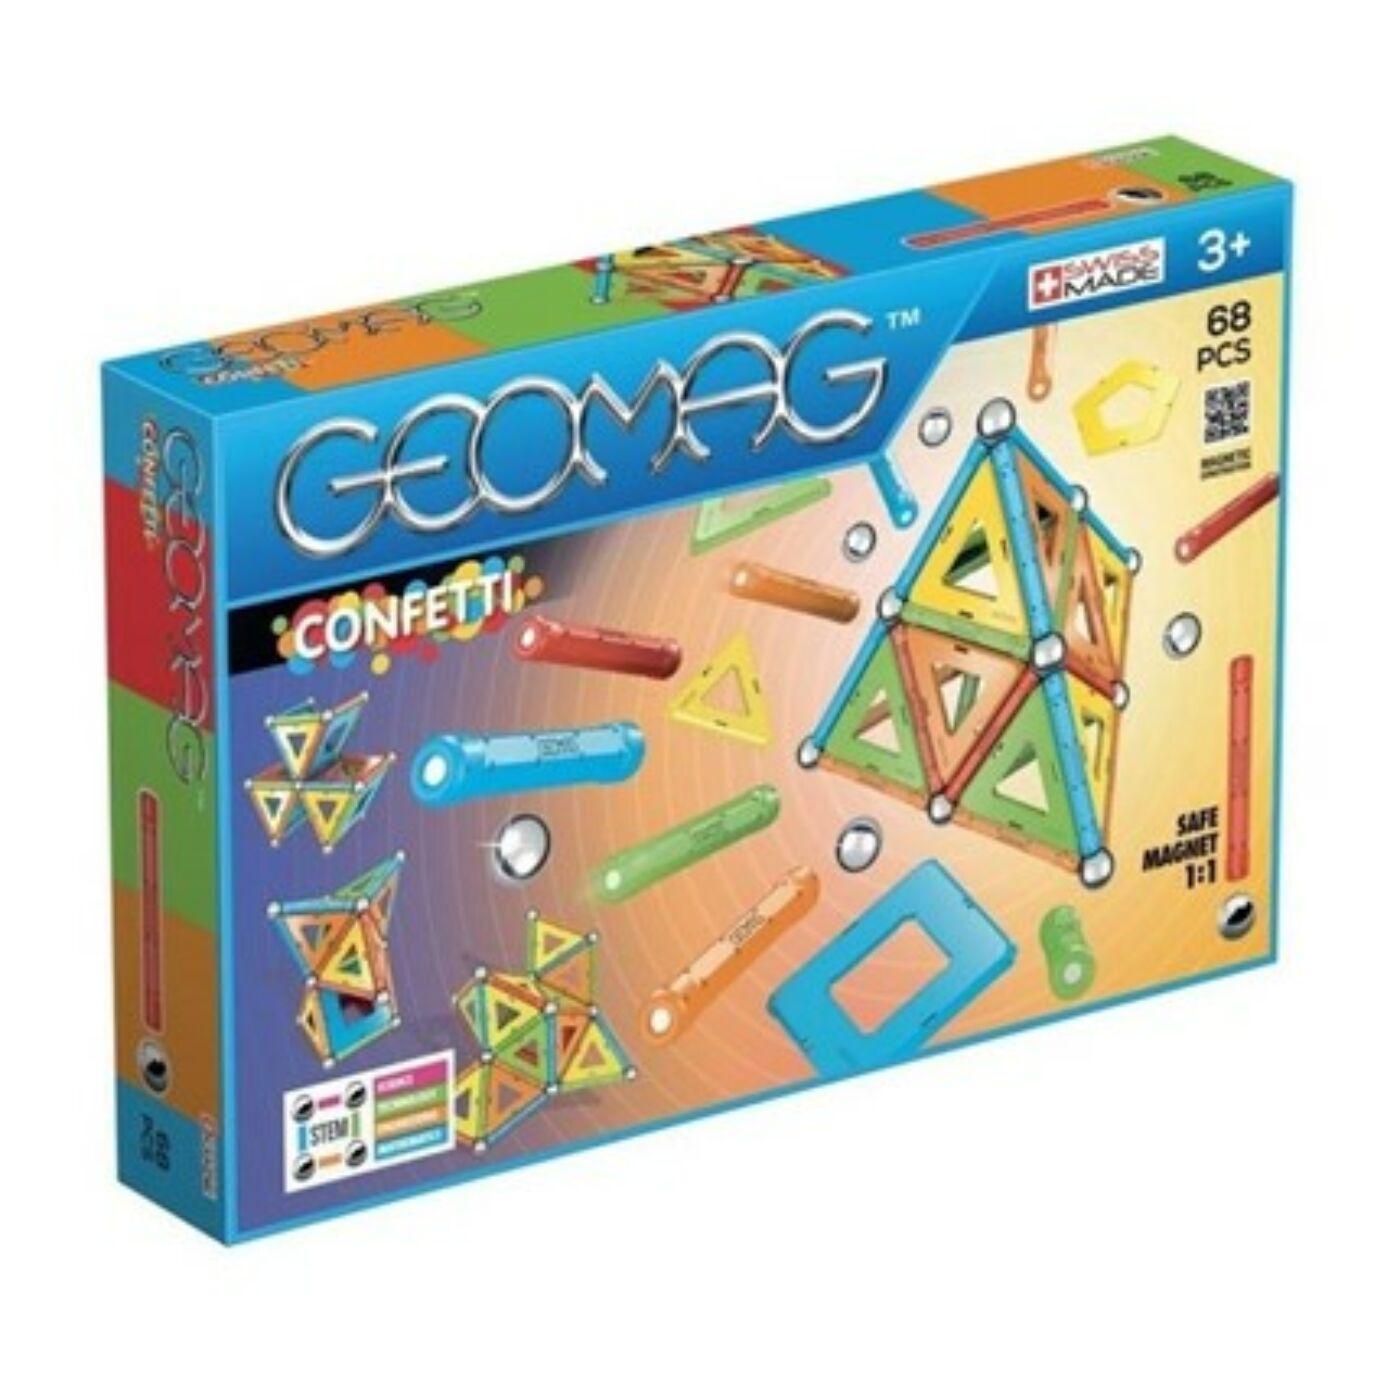 Geomag confetti 68 db-os